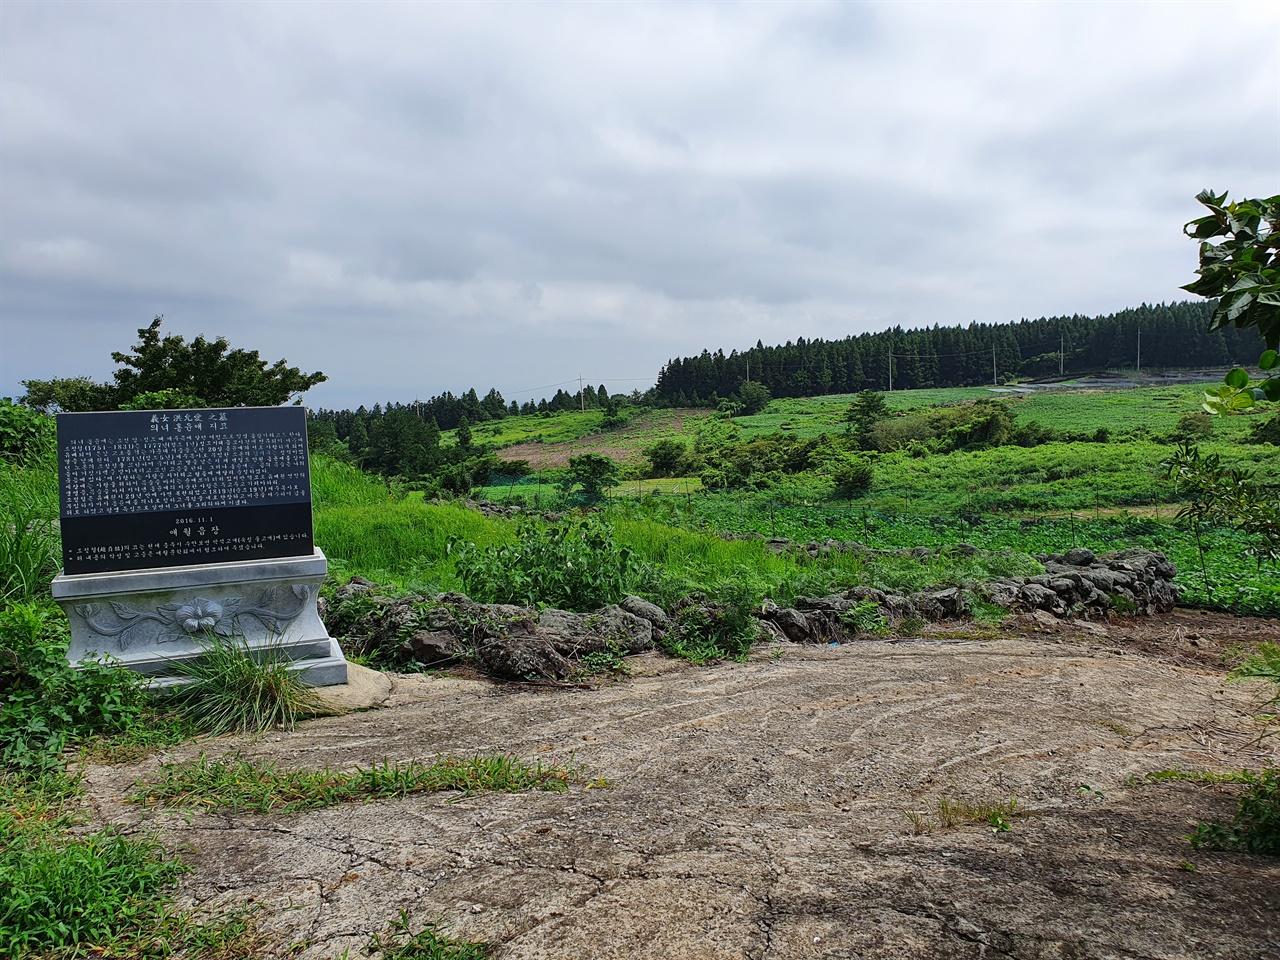 홍윤애 무덤 주위 풍경 애월읍장이 세운 표지석이 놓여 있고, 주변엔 밭이 펼쳐져 있다. 표지석 뒤에 조정철의 추모시가 새겨졌다.